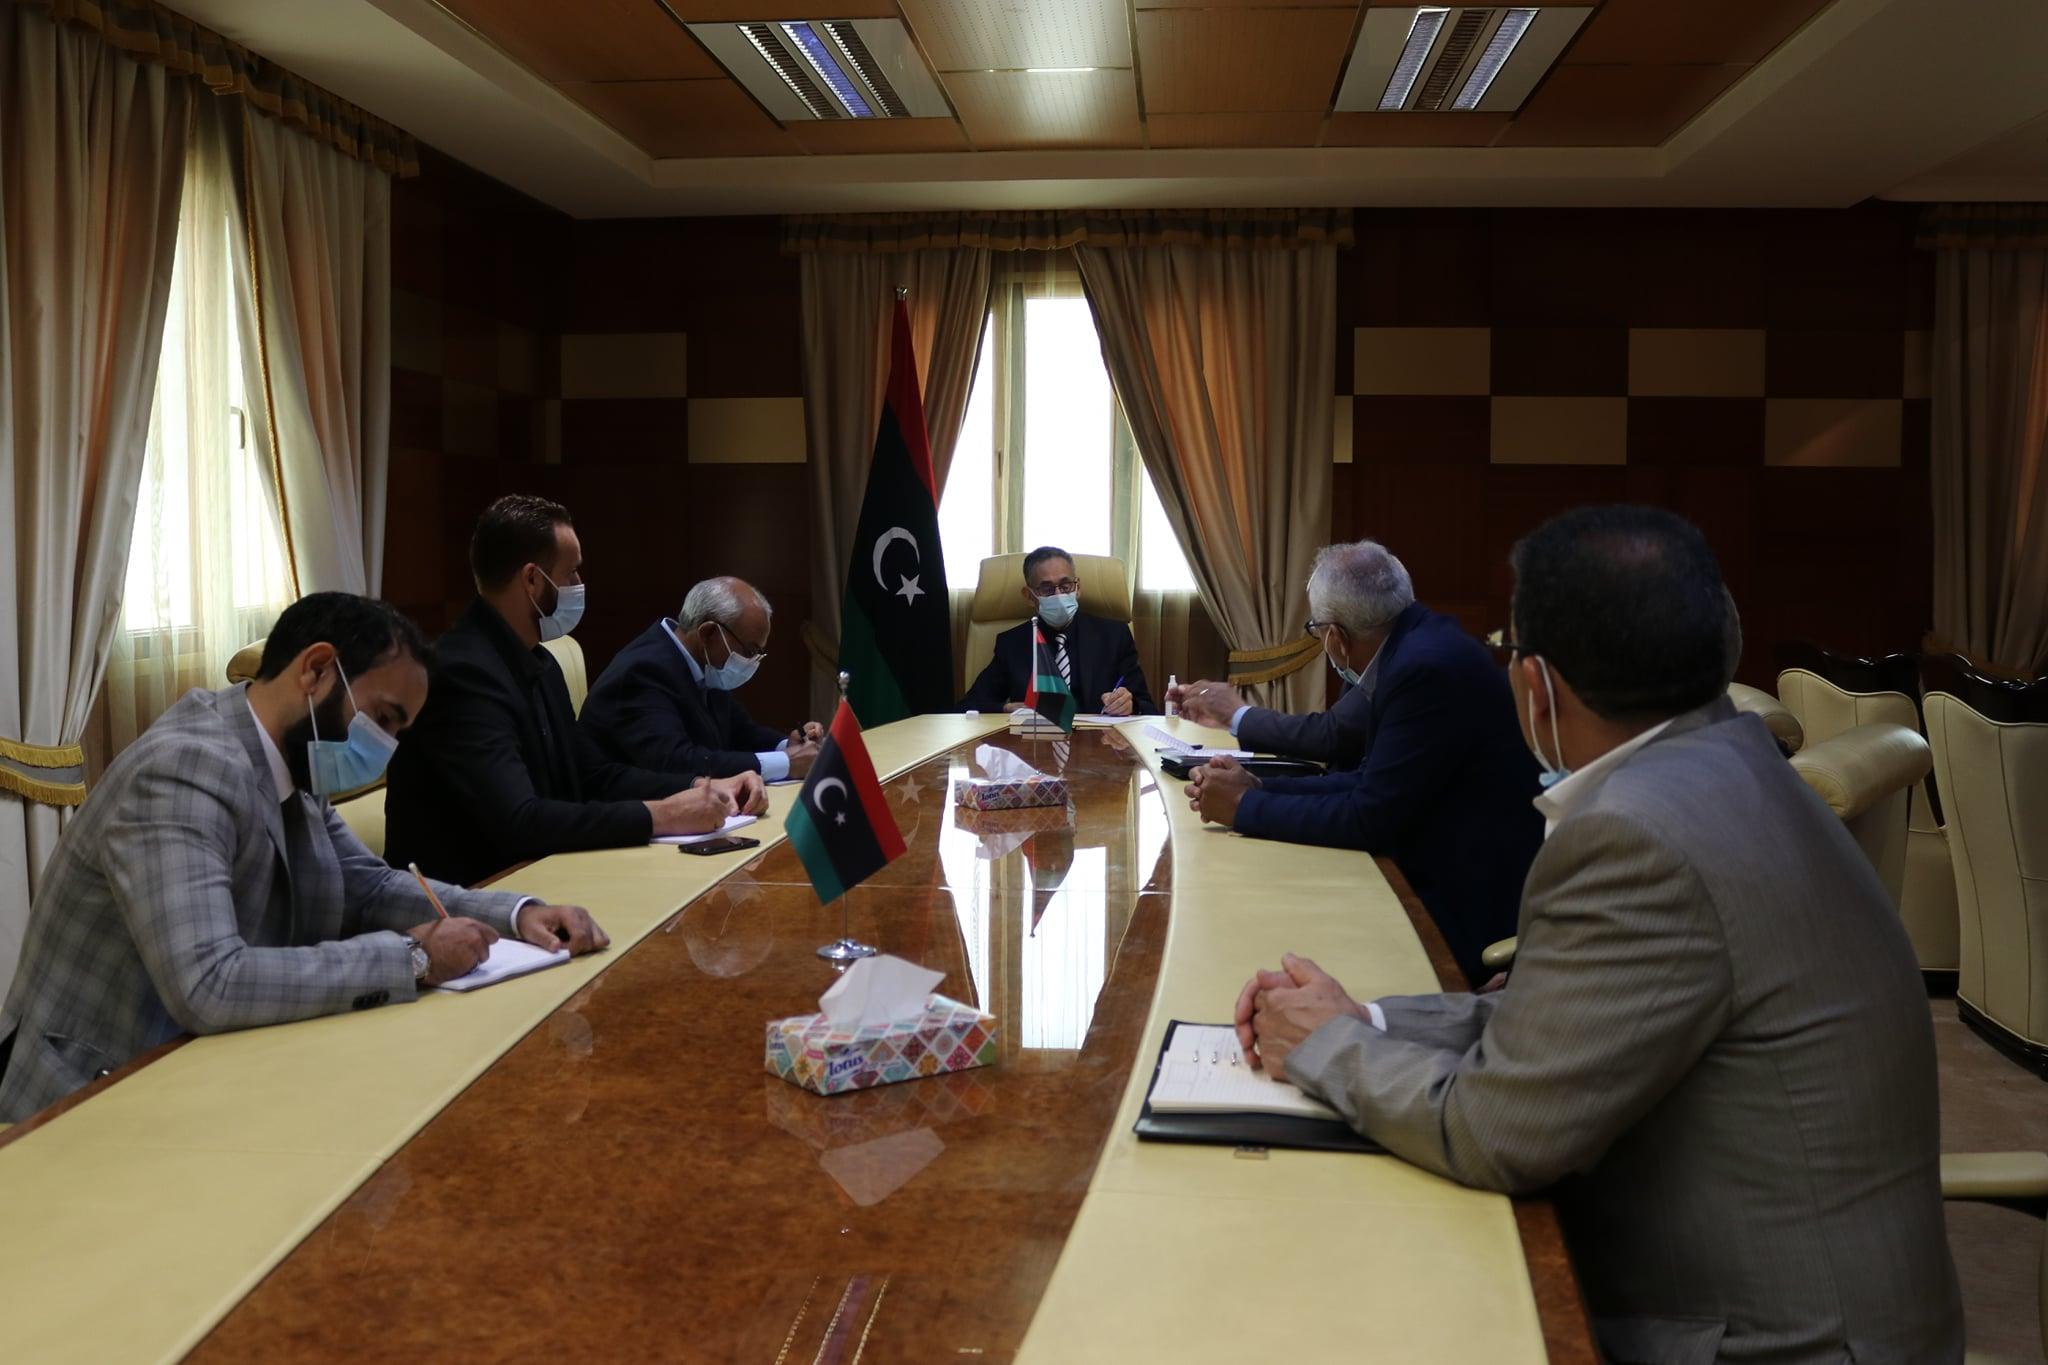 وزير الاقتصاد يُناقش سُبل تفعيل غرفة التجارة والصناعة الجفارة